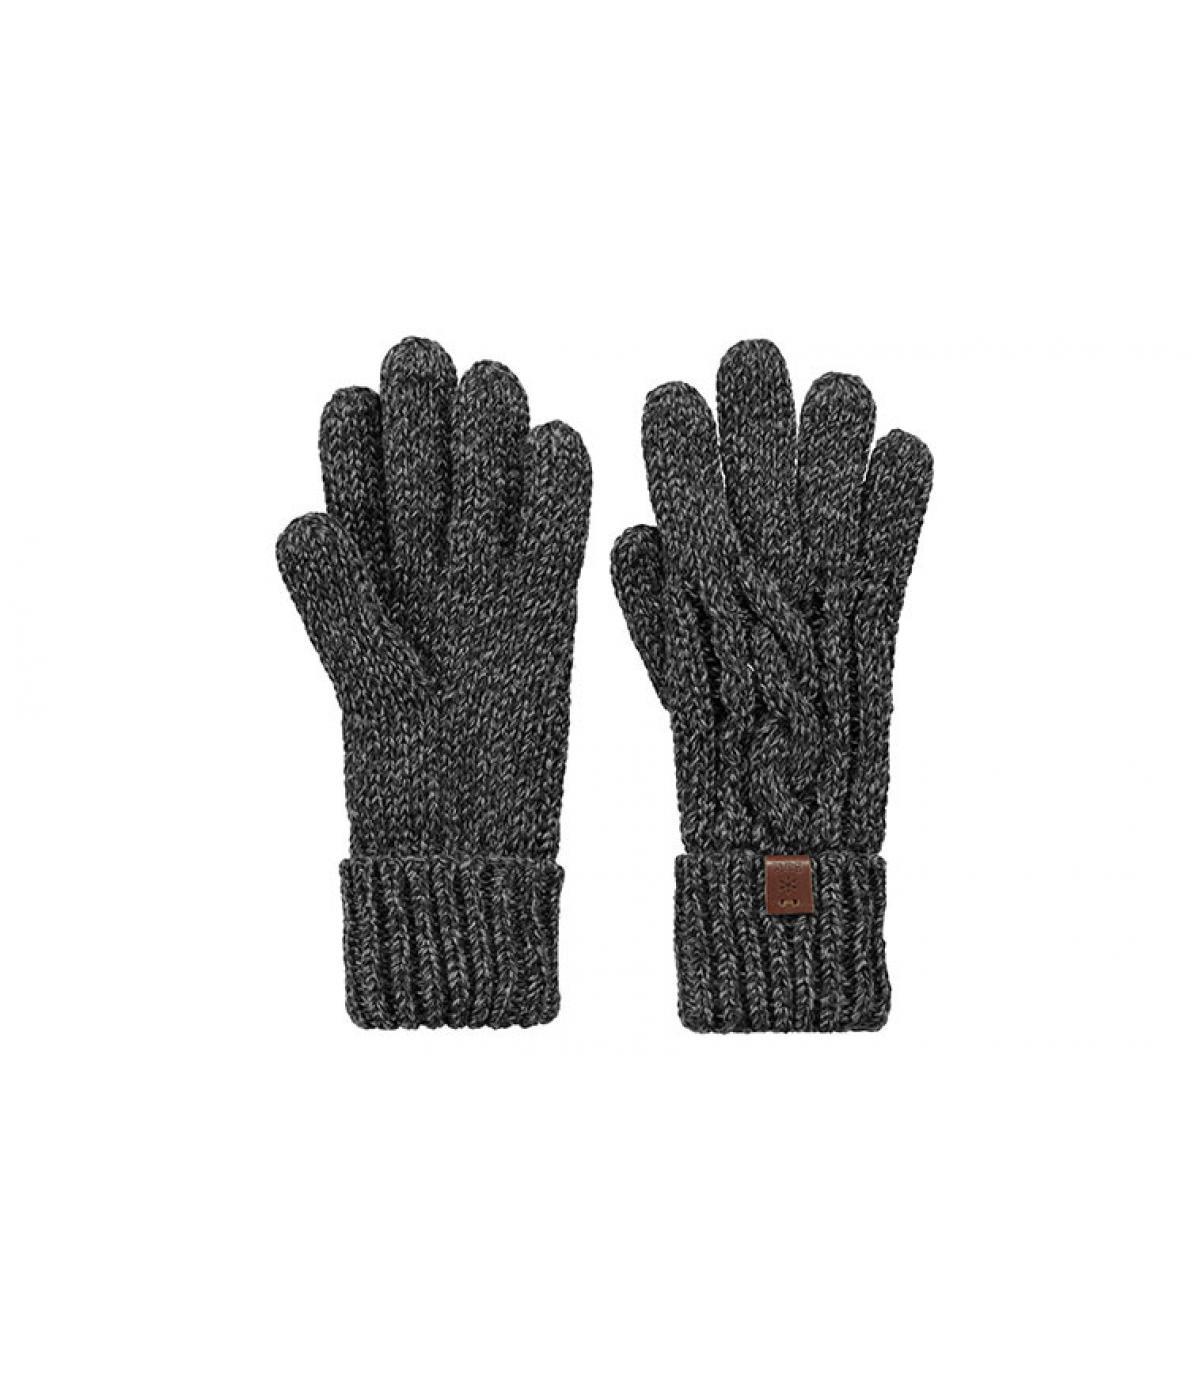 Handschuhe Zopfmuster schwarz Barts